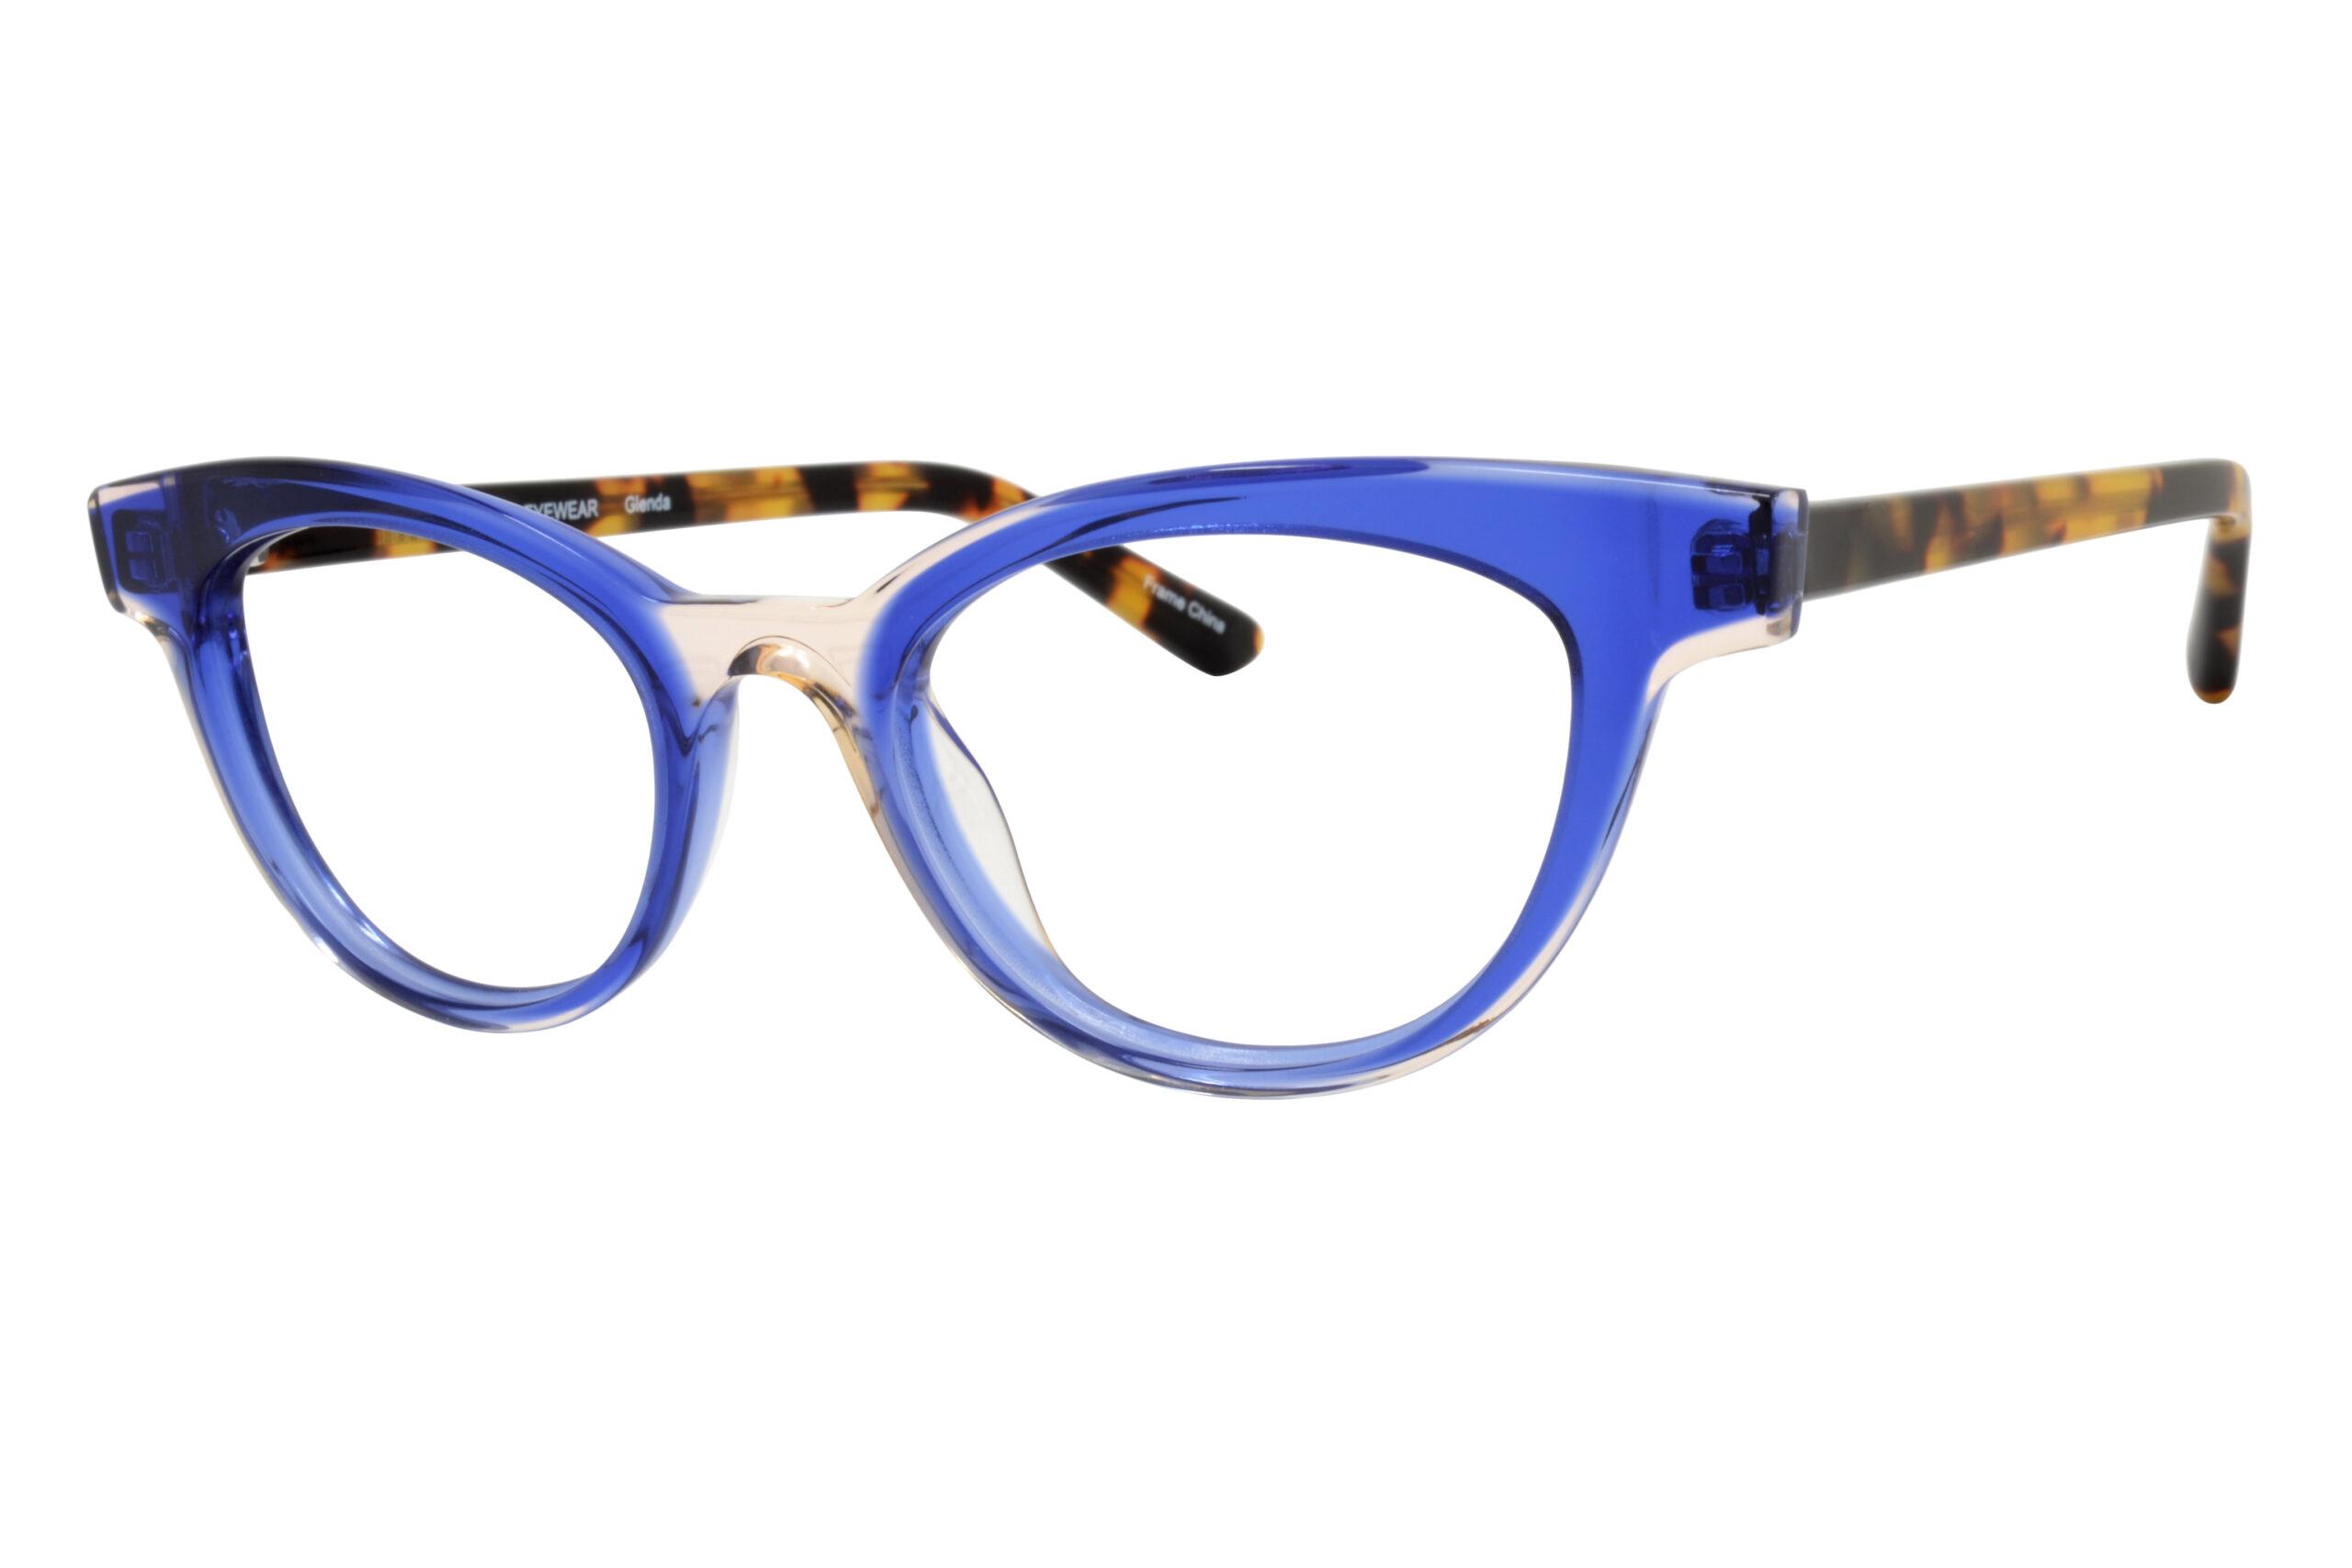 Dolabany Eyewear Glenda Blue